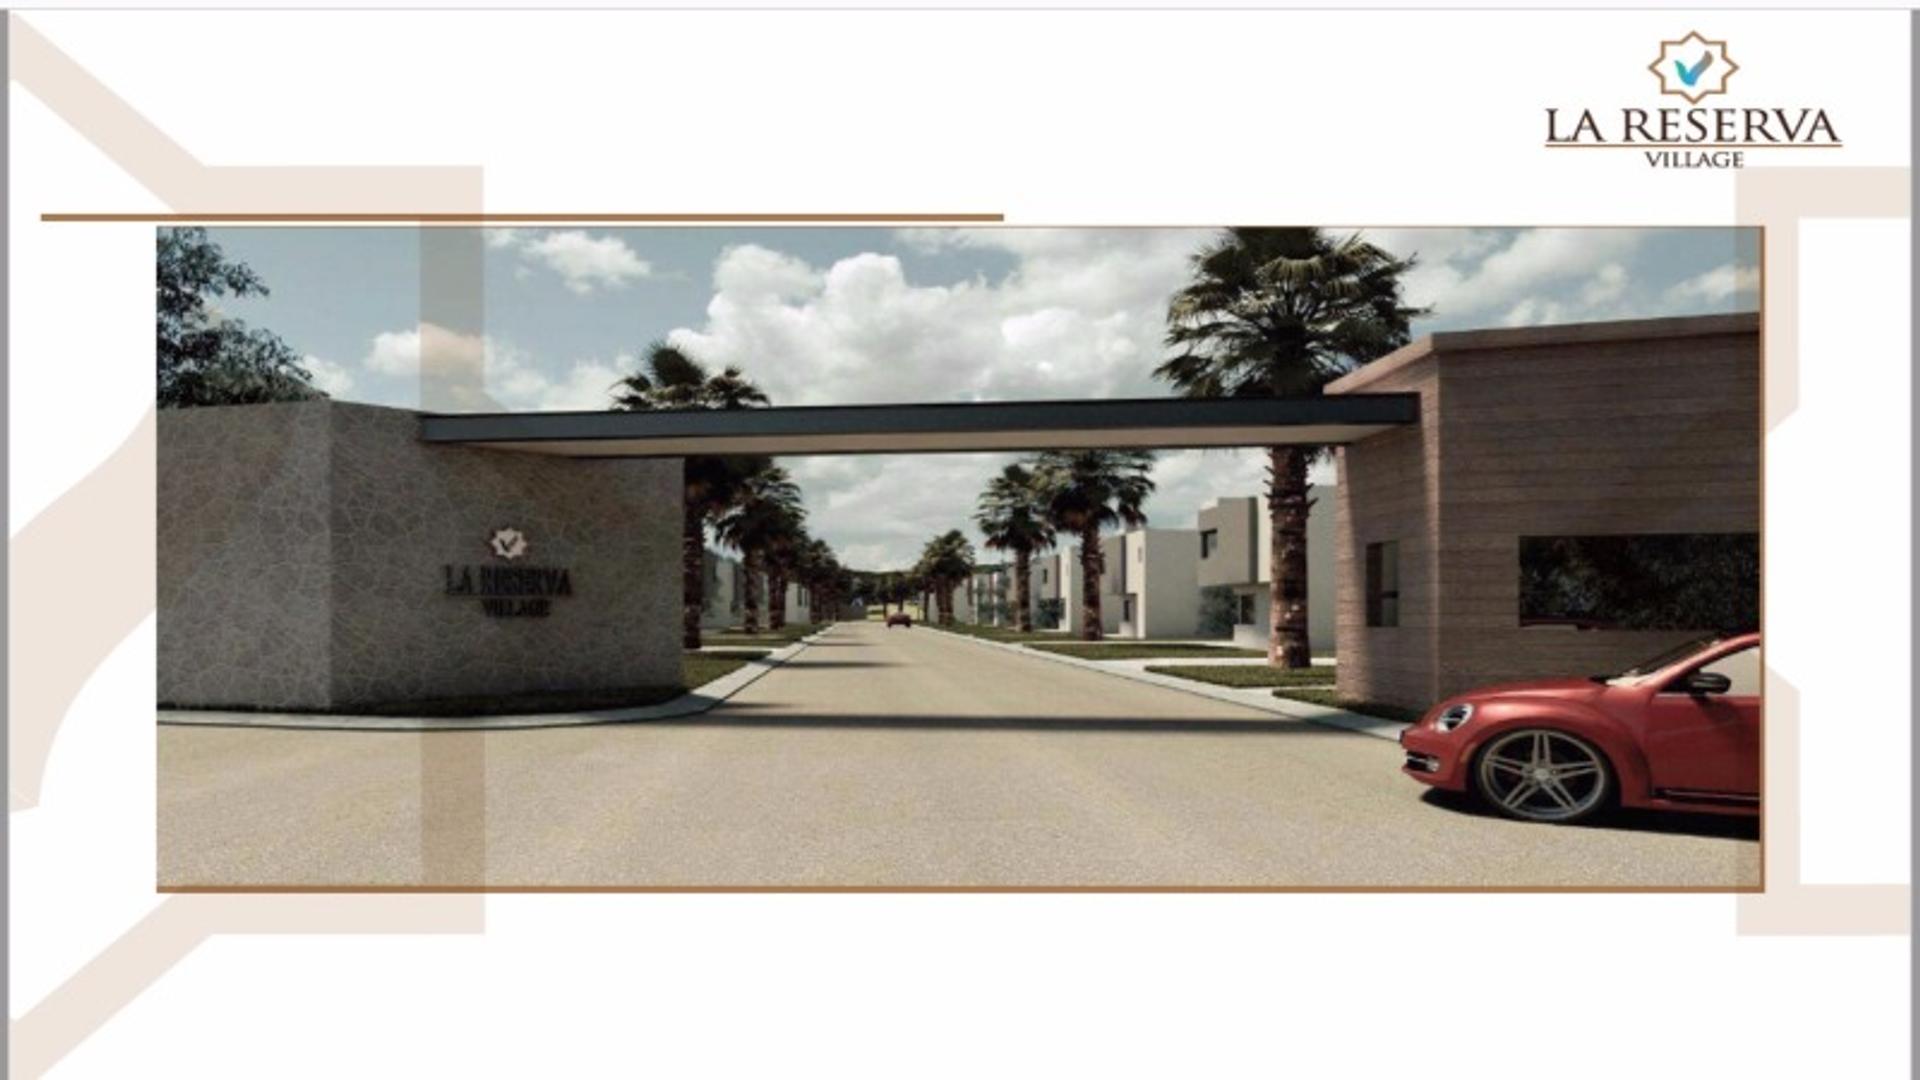 Villa Warcalde, Av. José María Eguía Zanón 100 - U$D 200.000 - Departamento en Venta